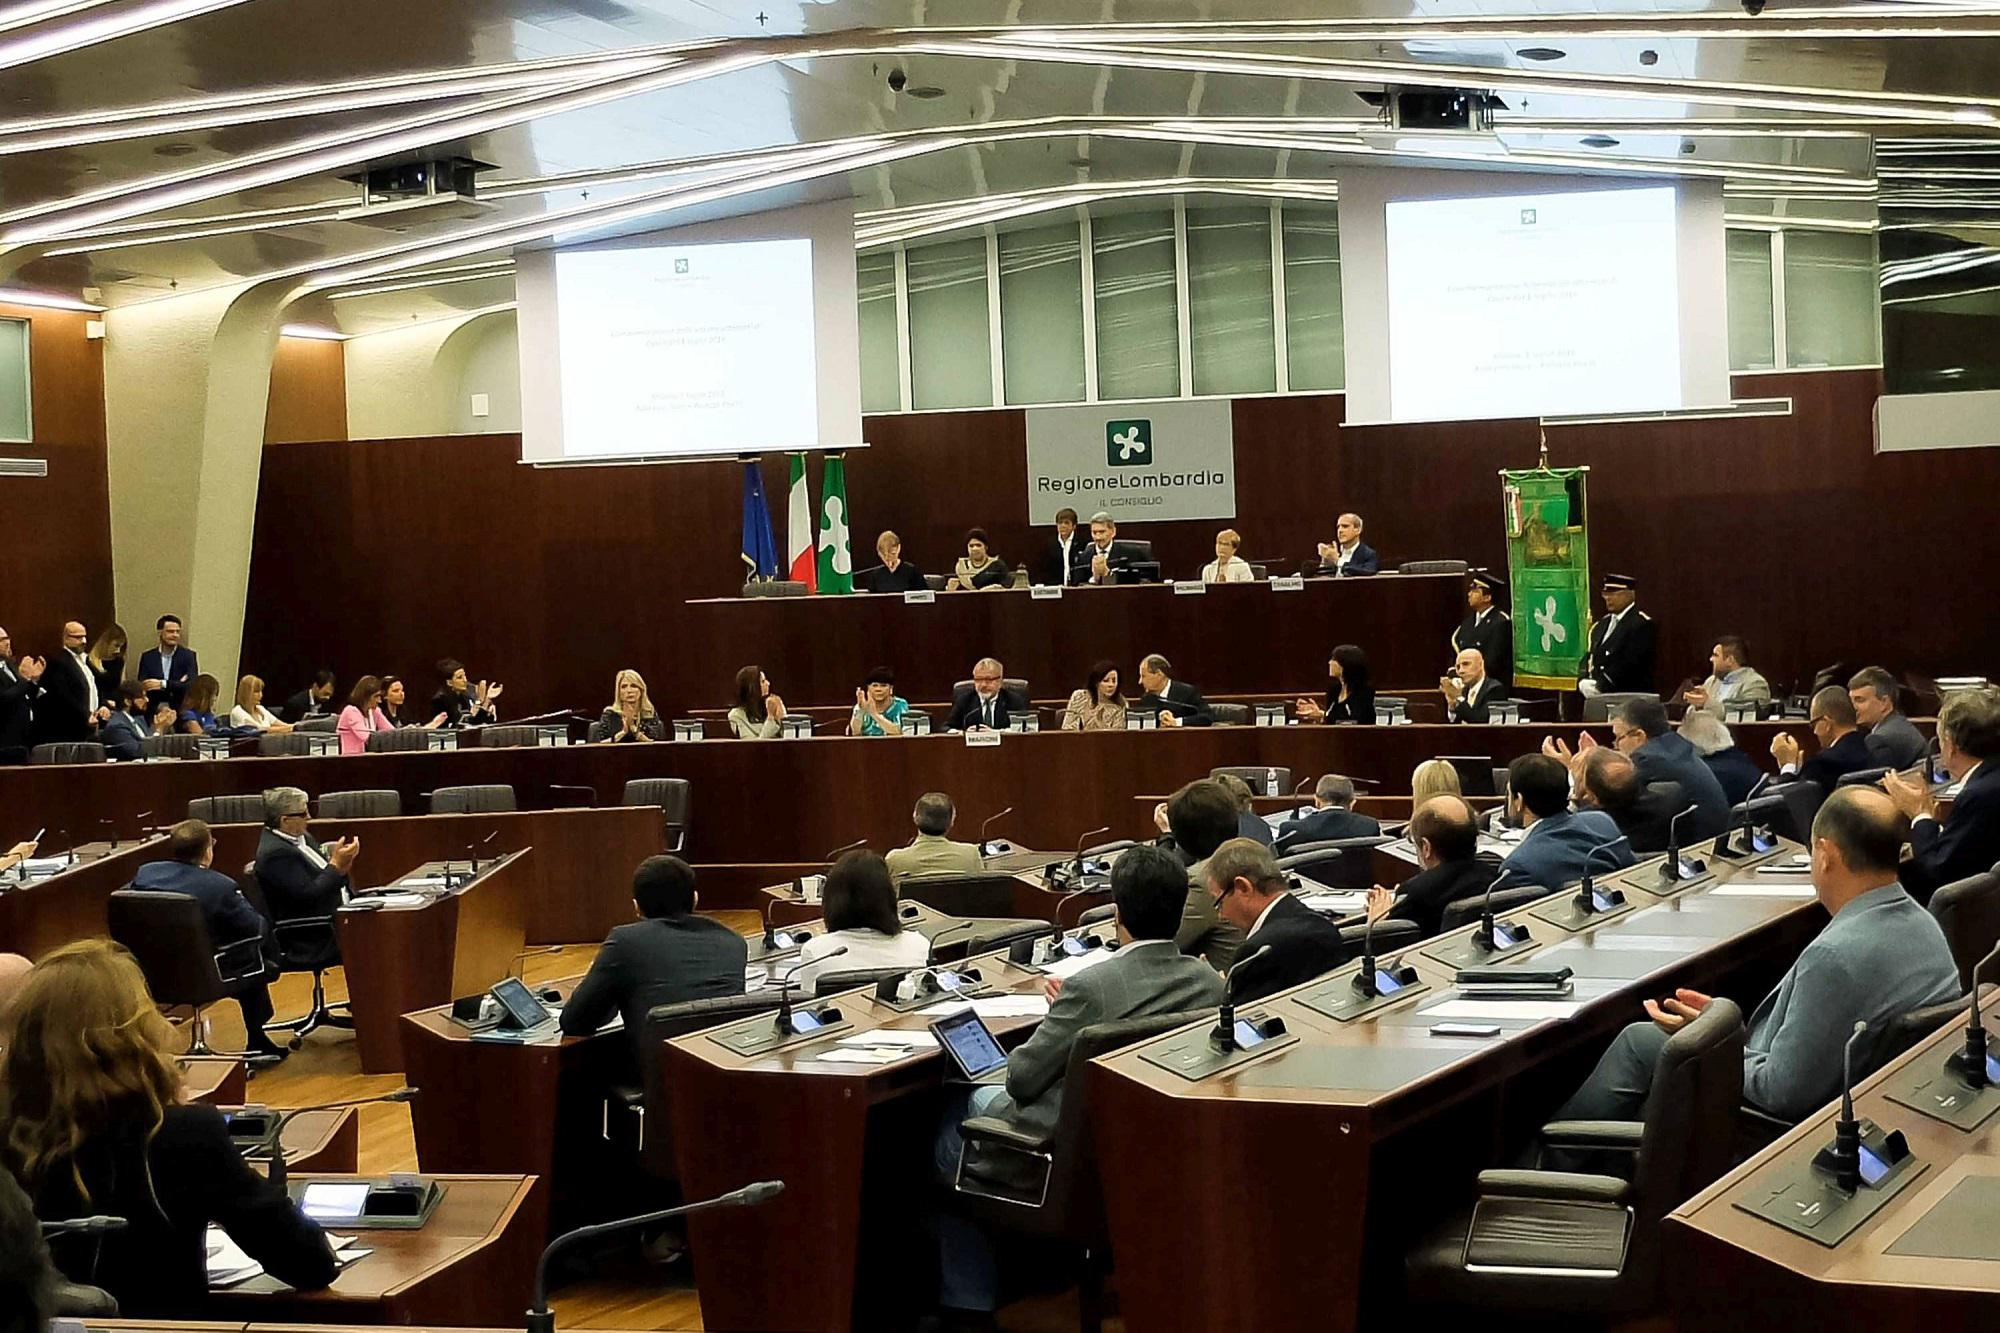 """""""Le donne? Preferiscono stare a casa"""", bufera contro capogruppo Lega Nord al Pirellone"""